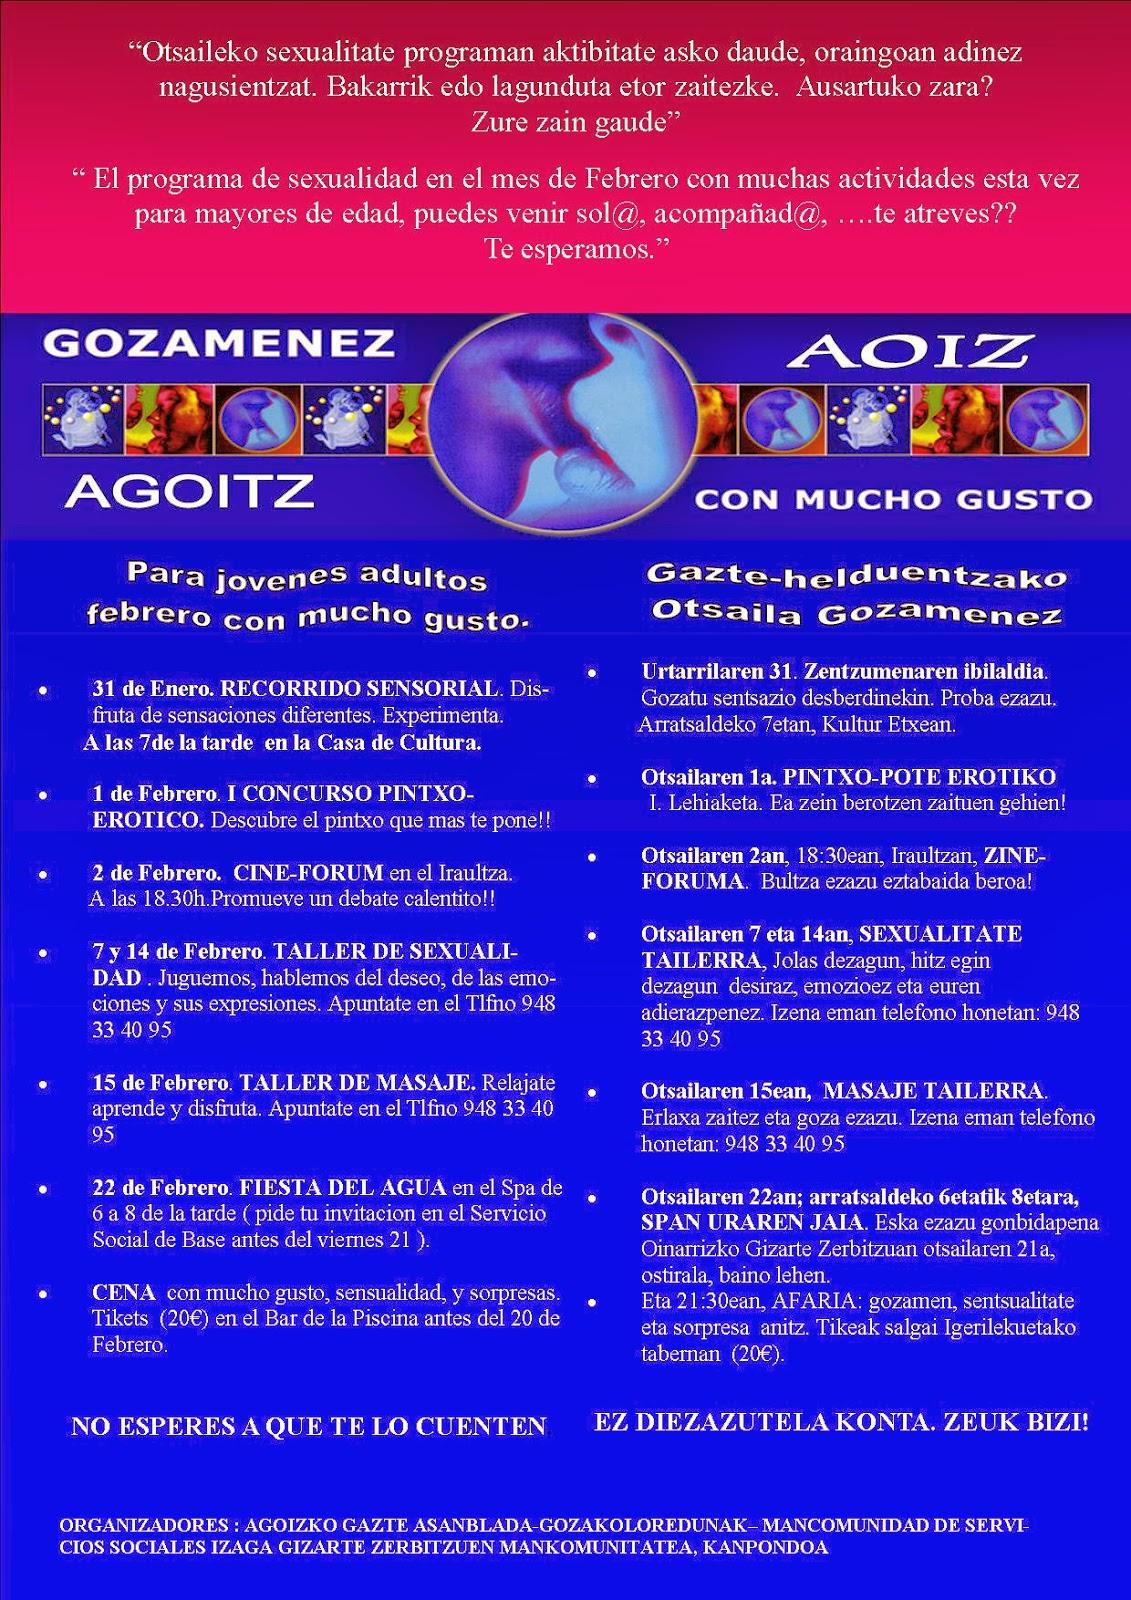 Actividades Solasean Sexología, Pamplona, Navarra, Gozamenez